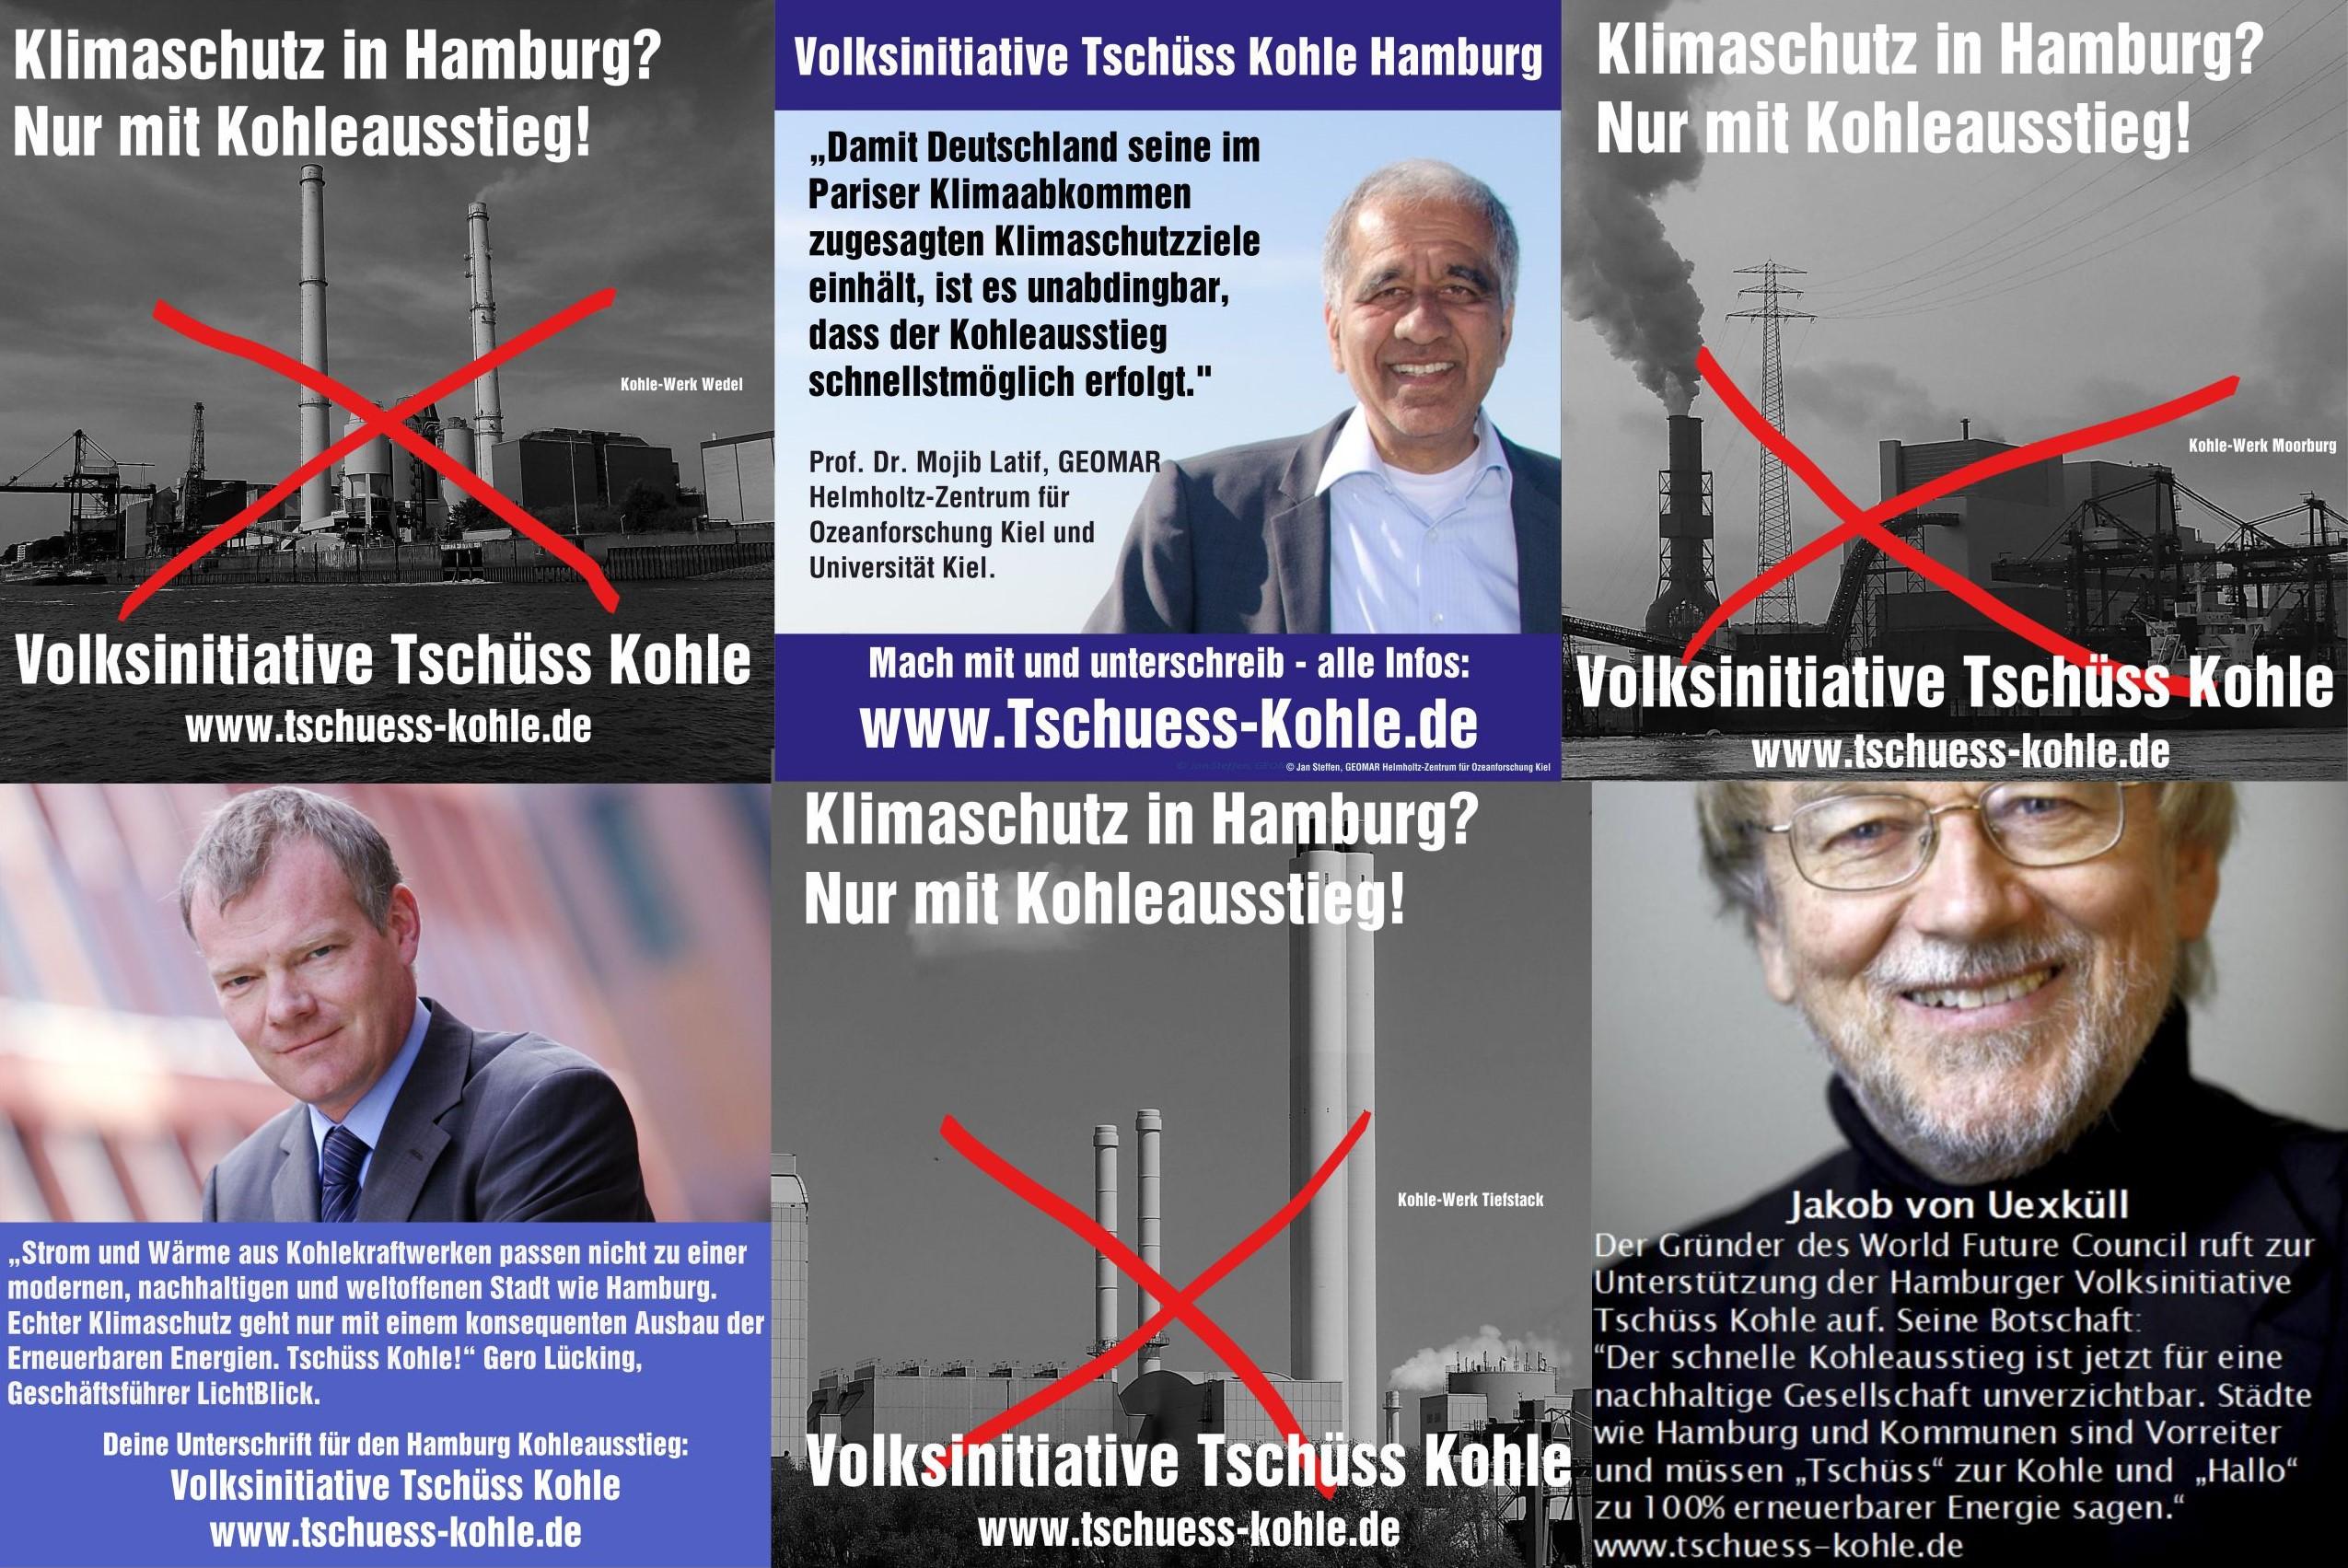 """Kohleausstieg statt Vattenfall – Hamburger Volksinitiative """"Tschüss Kohle"""" bekommt prominente Unterstützung"""